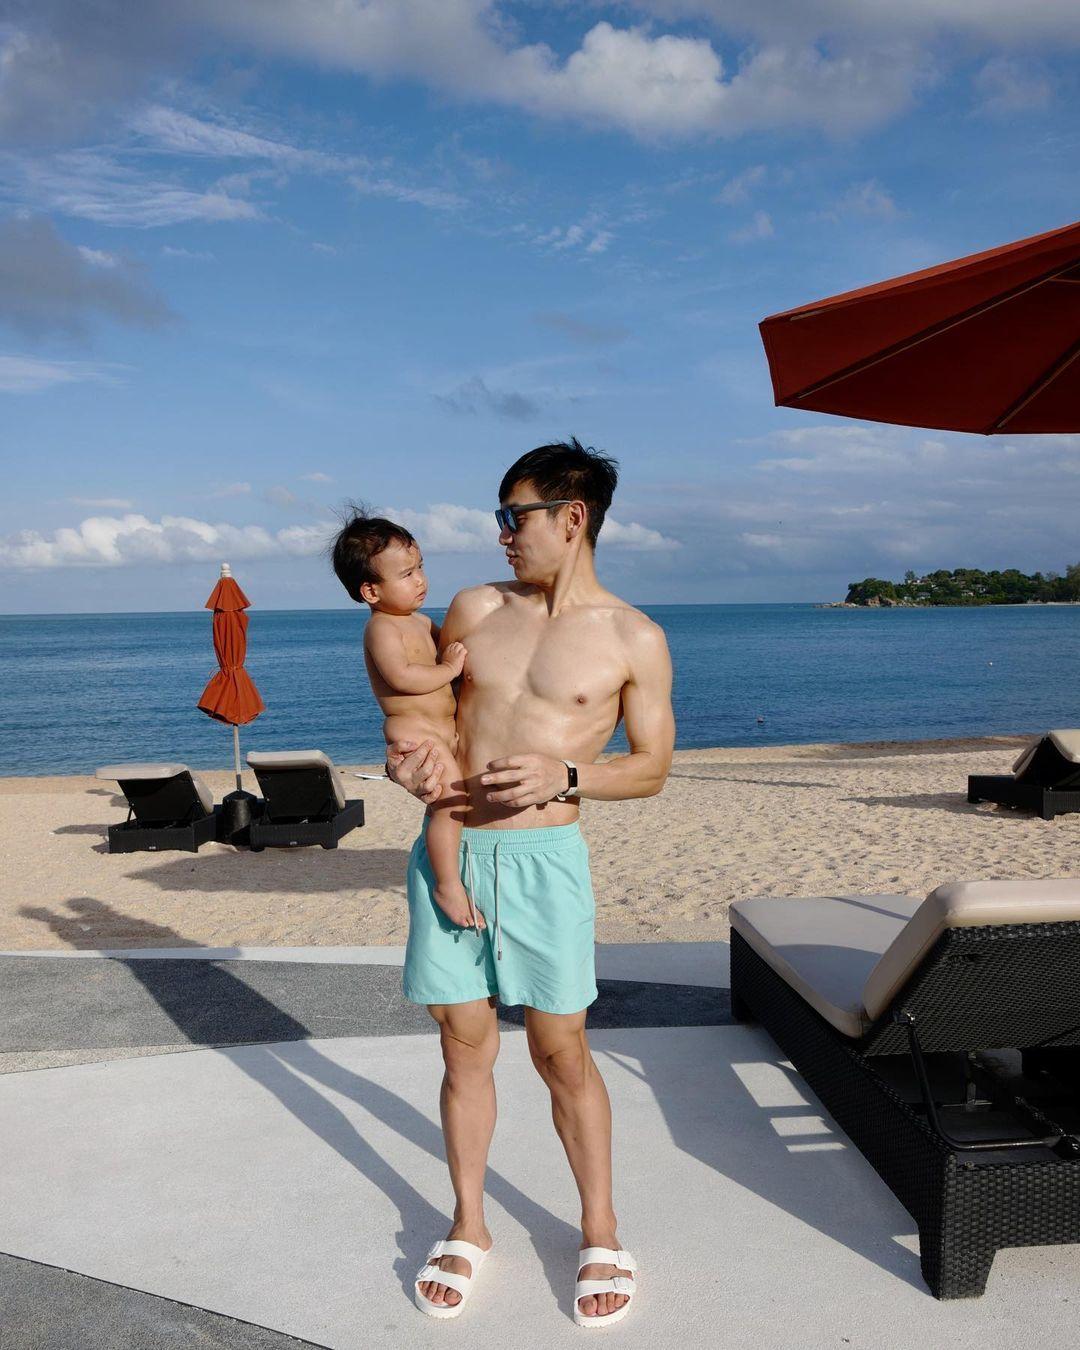 Best Tatlergrams Of The Week: Babysitting, Blue Skies & More